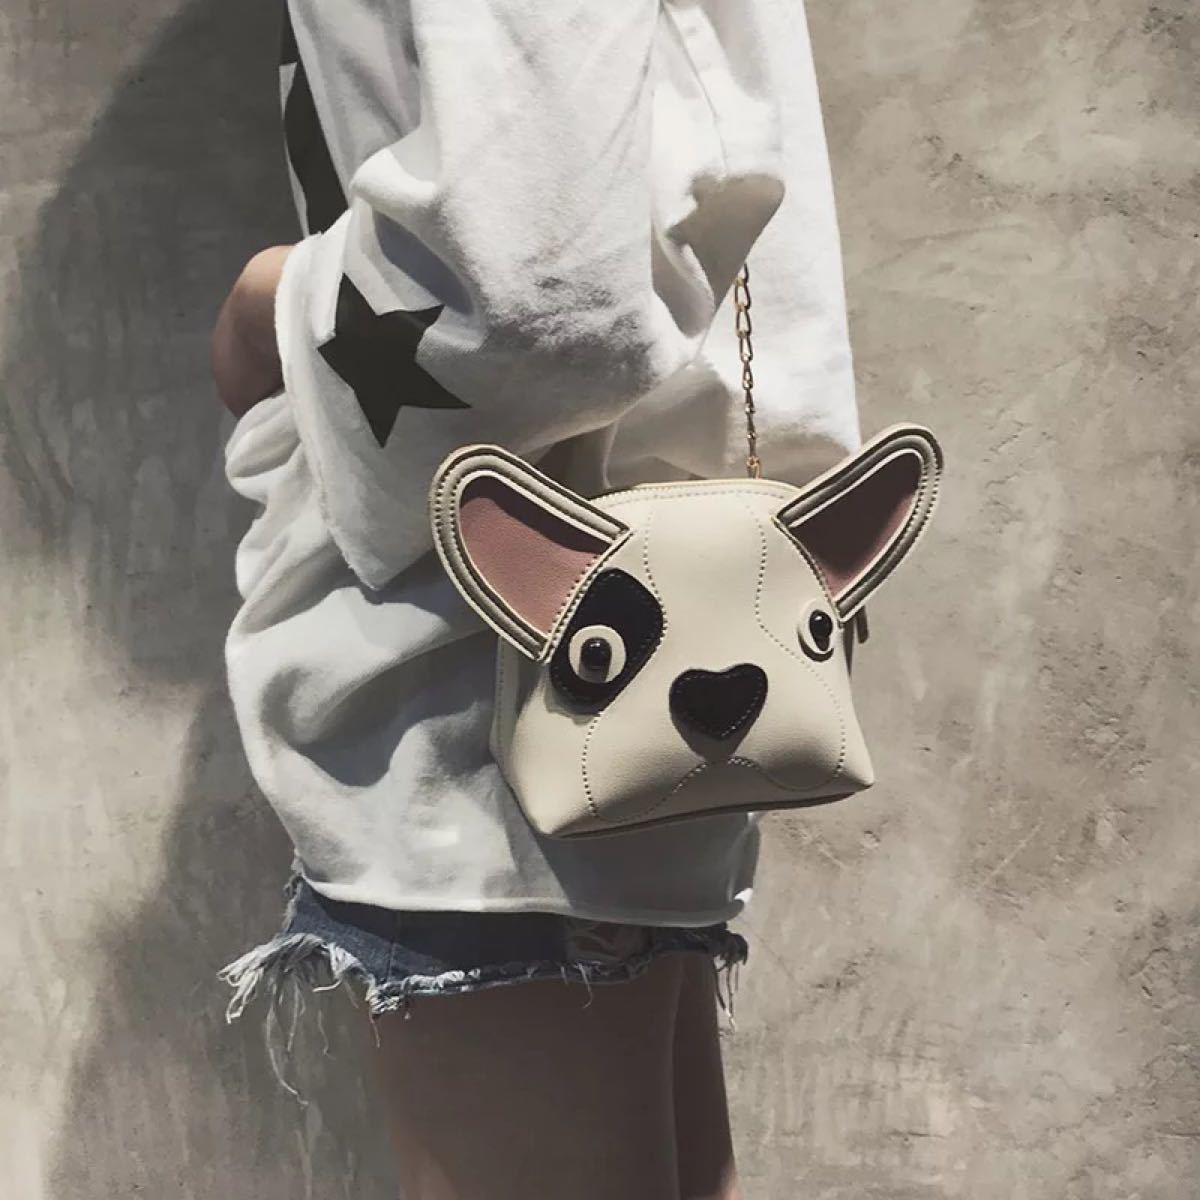 ポーチ 犬 イヌ いぬ フェイス ミニポーチ 小さめ イヌ耳 ベージュ ドッグ